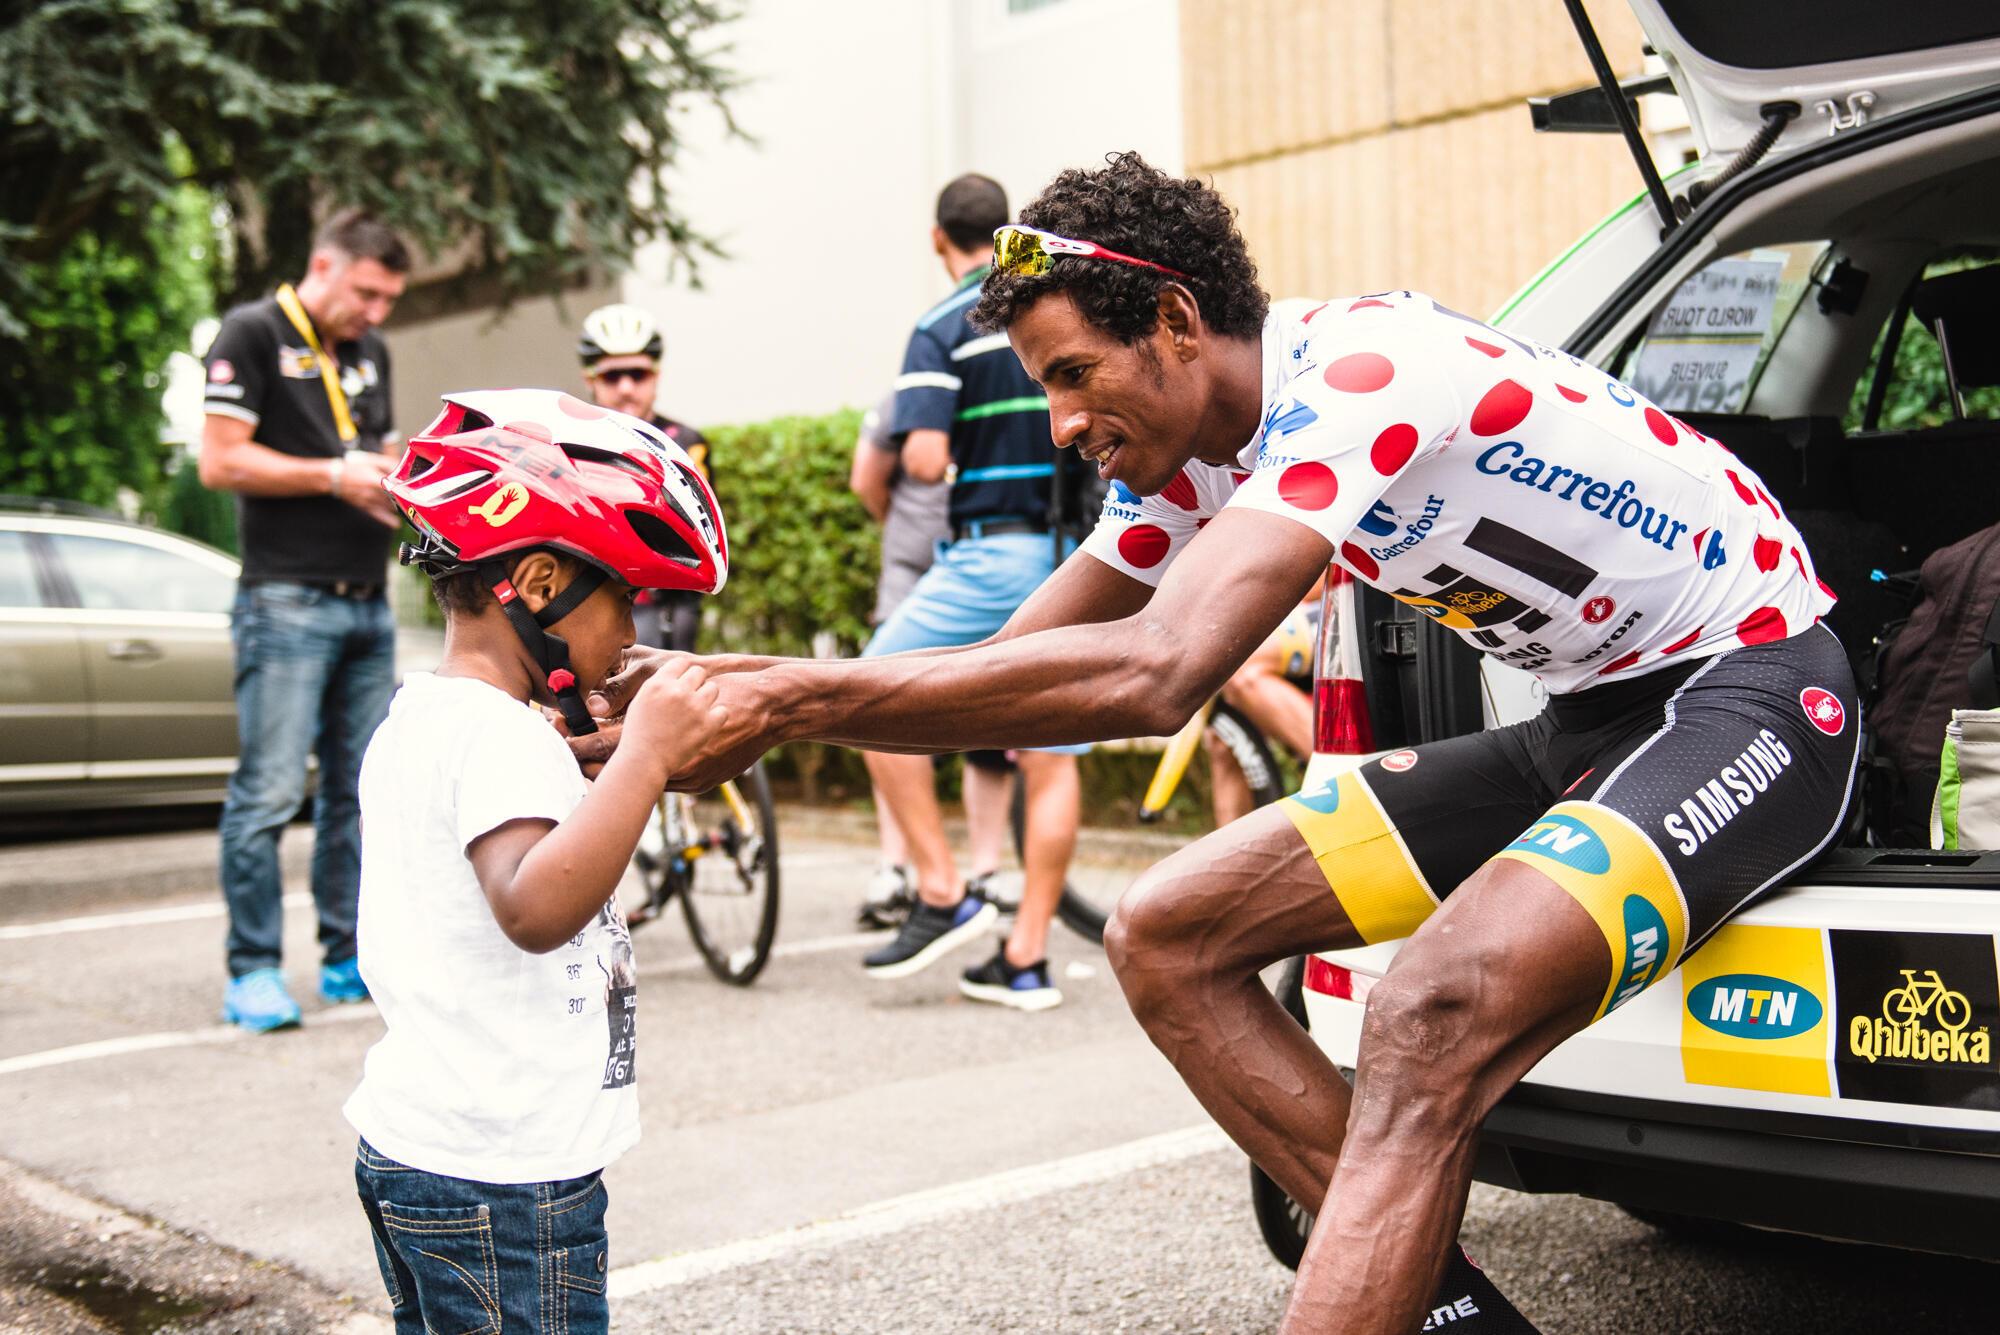 L'Erythréen Daniel Teklehaimanot, maillot à pois sur les épaules, avec un petit fan sur le Tour de France 2015.